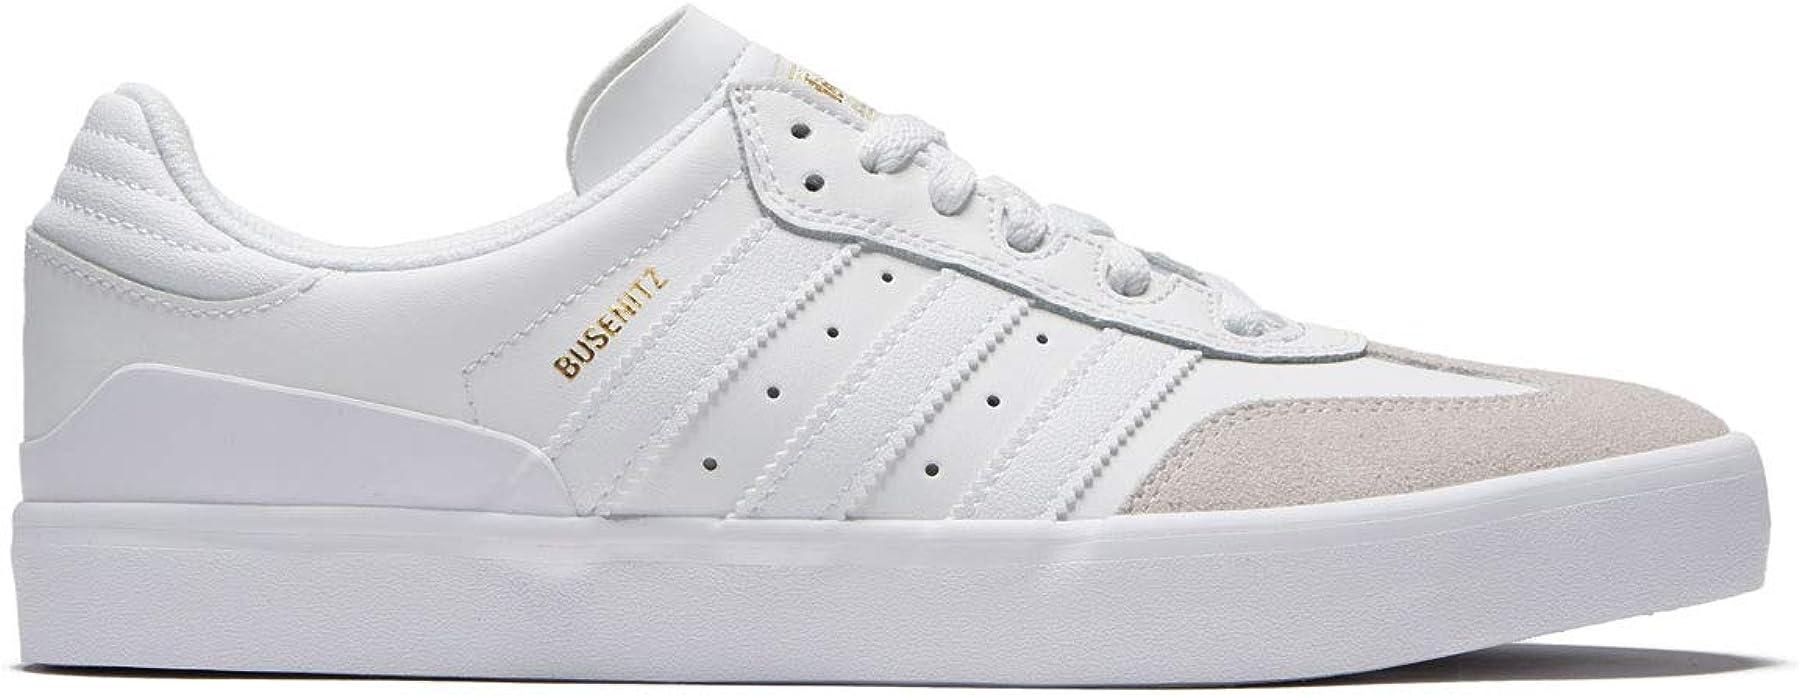 formal Víctor amenazar  Amazon.com | adidas Men's Busenitz Vulc RX Skate Shoe (7 D(M) US,  White/White/Gold) | Fashion Sneakers